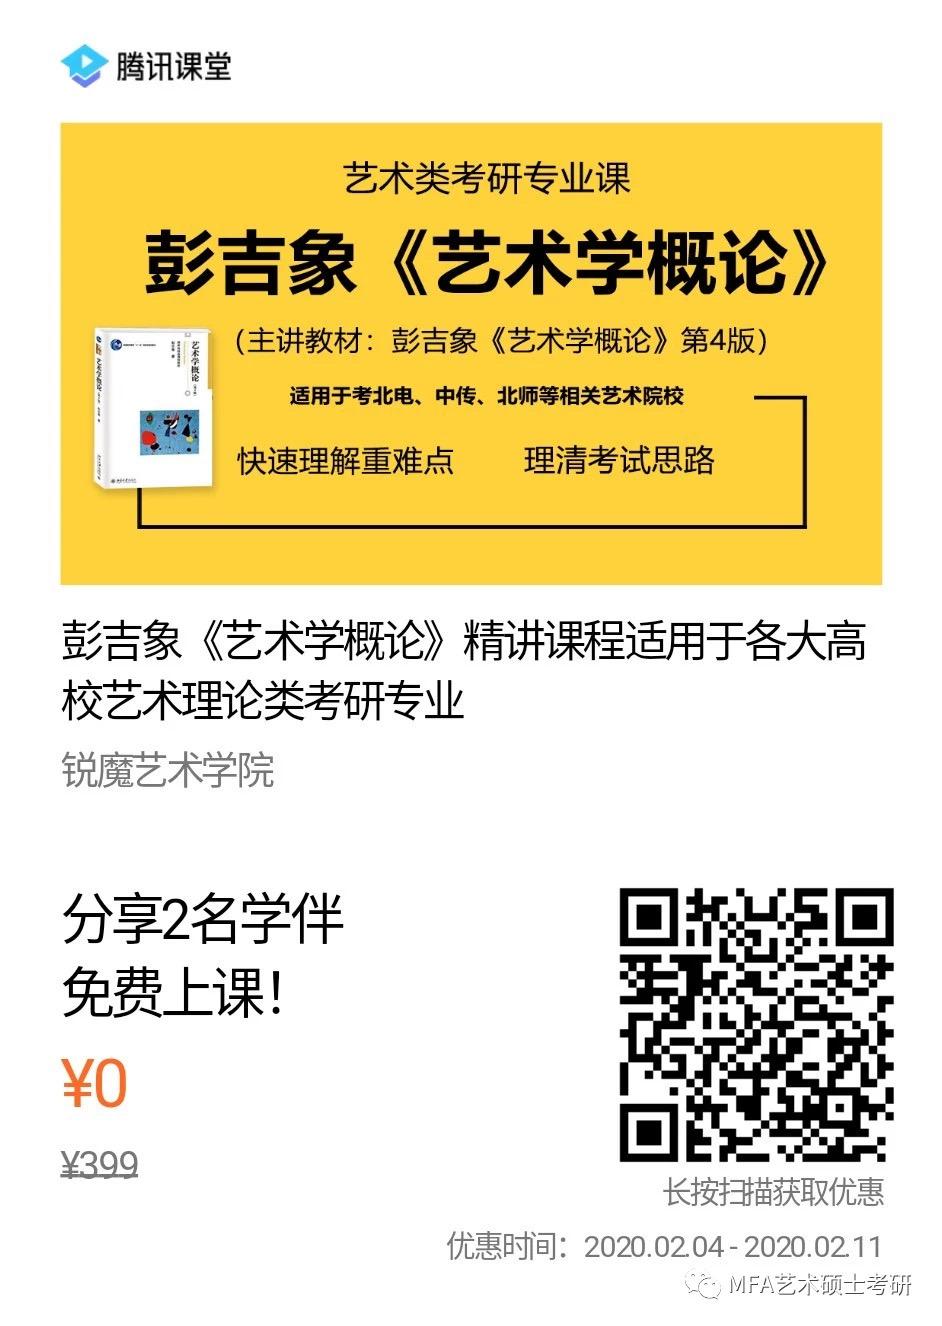 微信图片_20200210210330